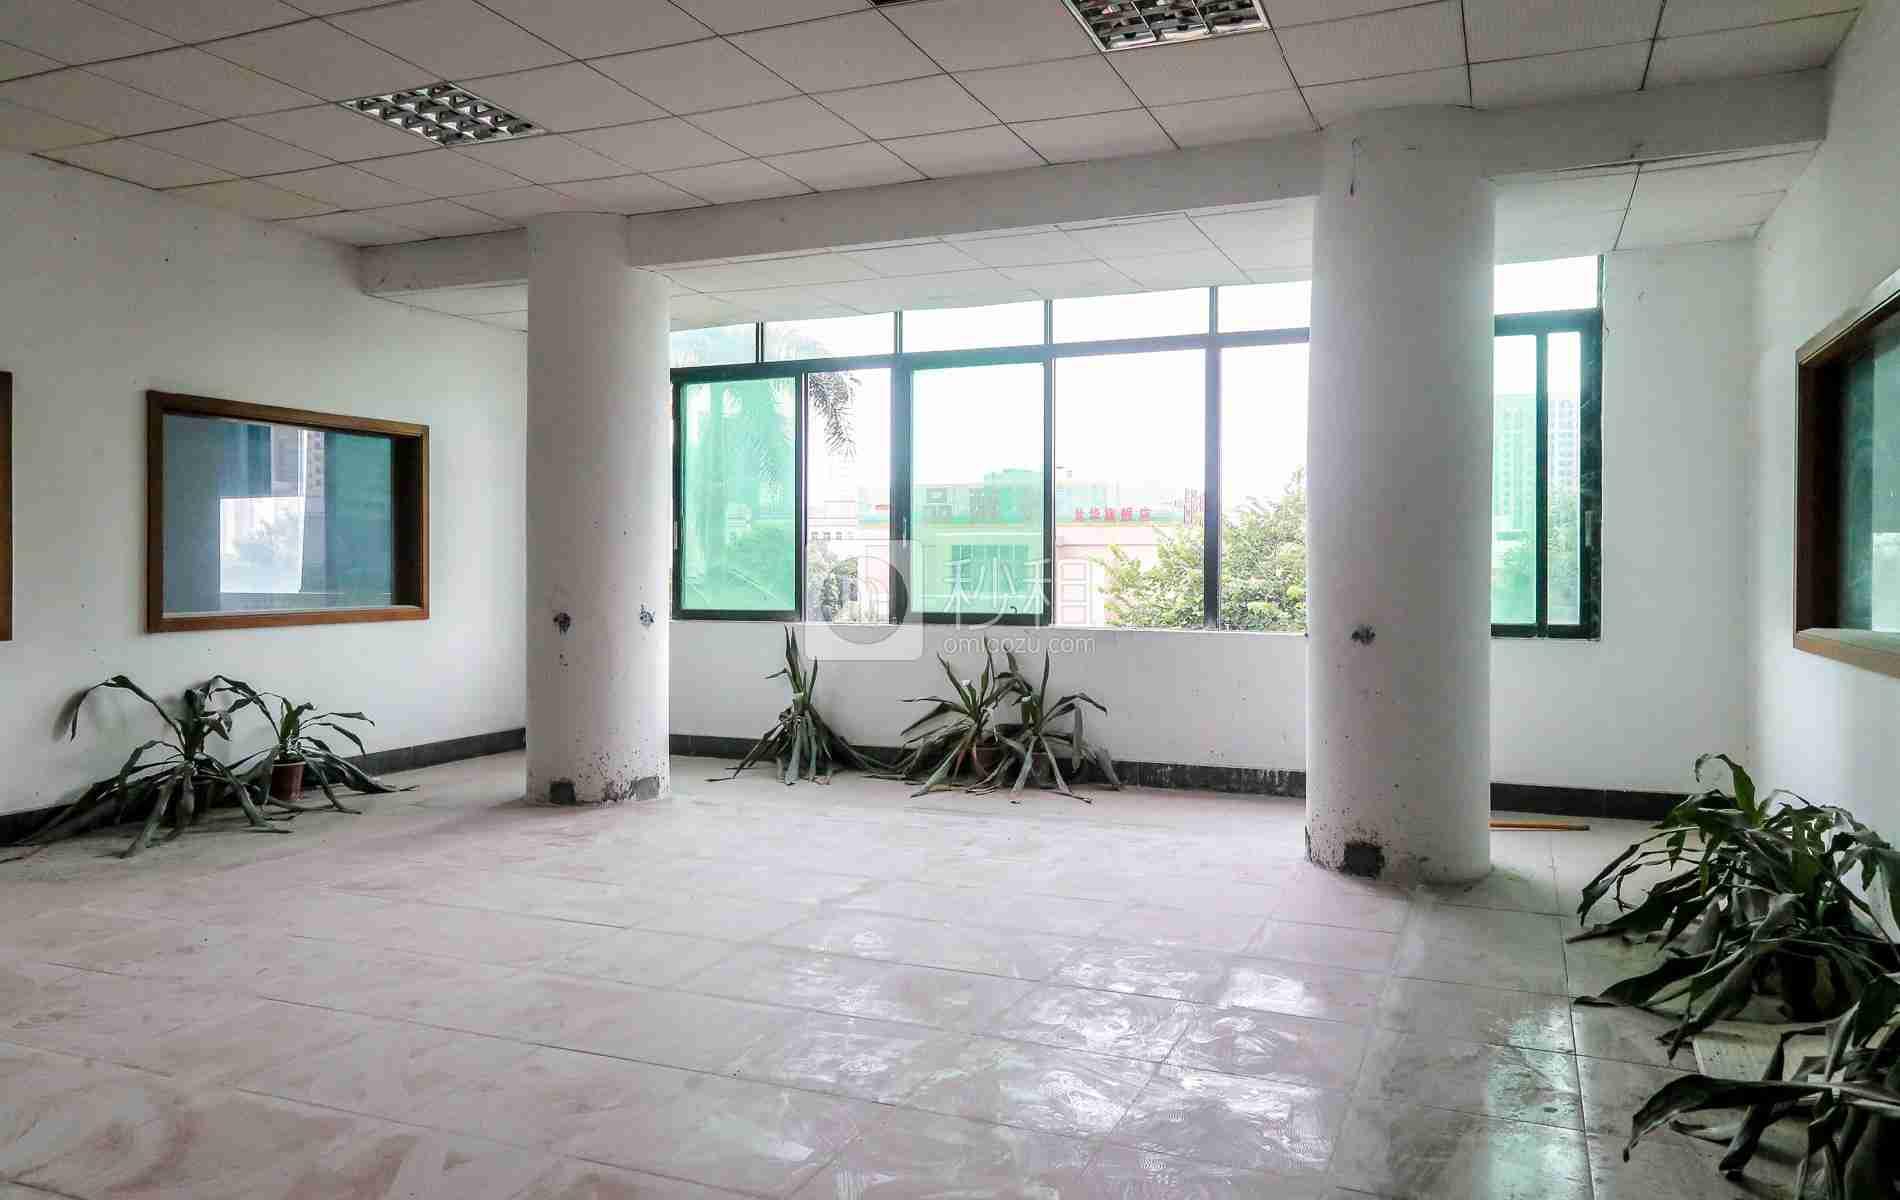 荣城国际写字楼出租/招租/租赁,荣城国际办公室出租/招租/租赁